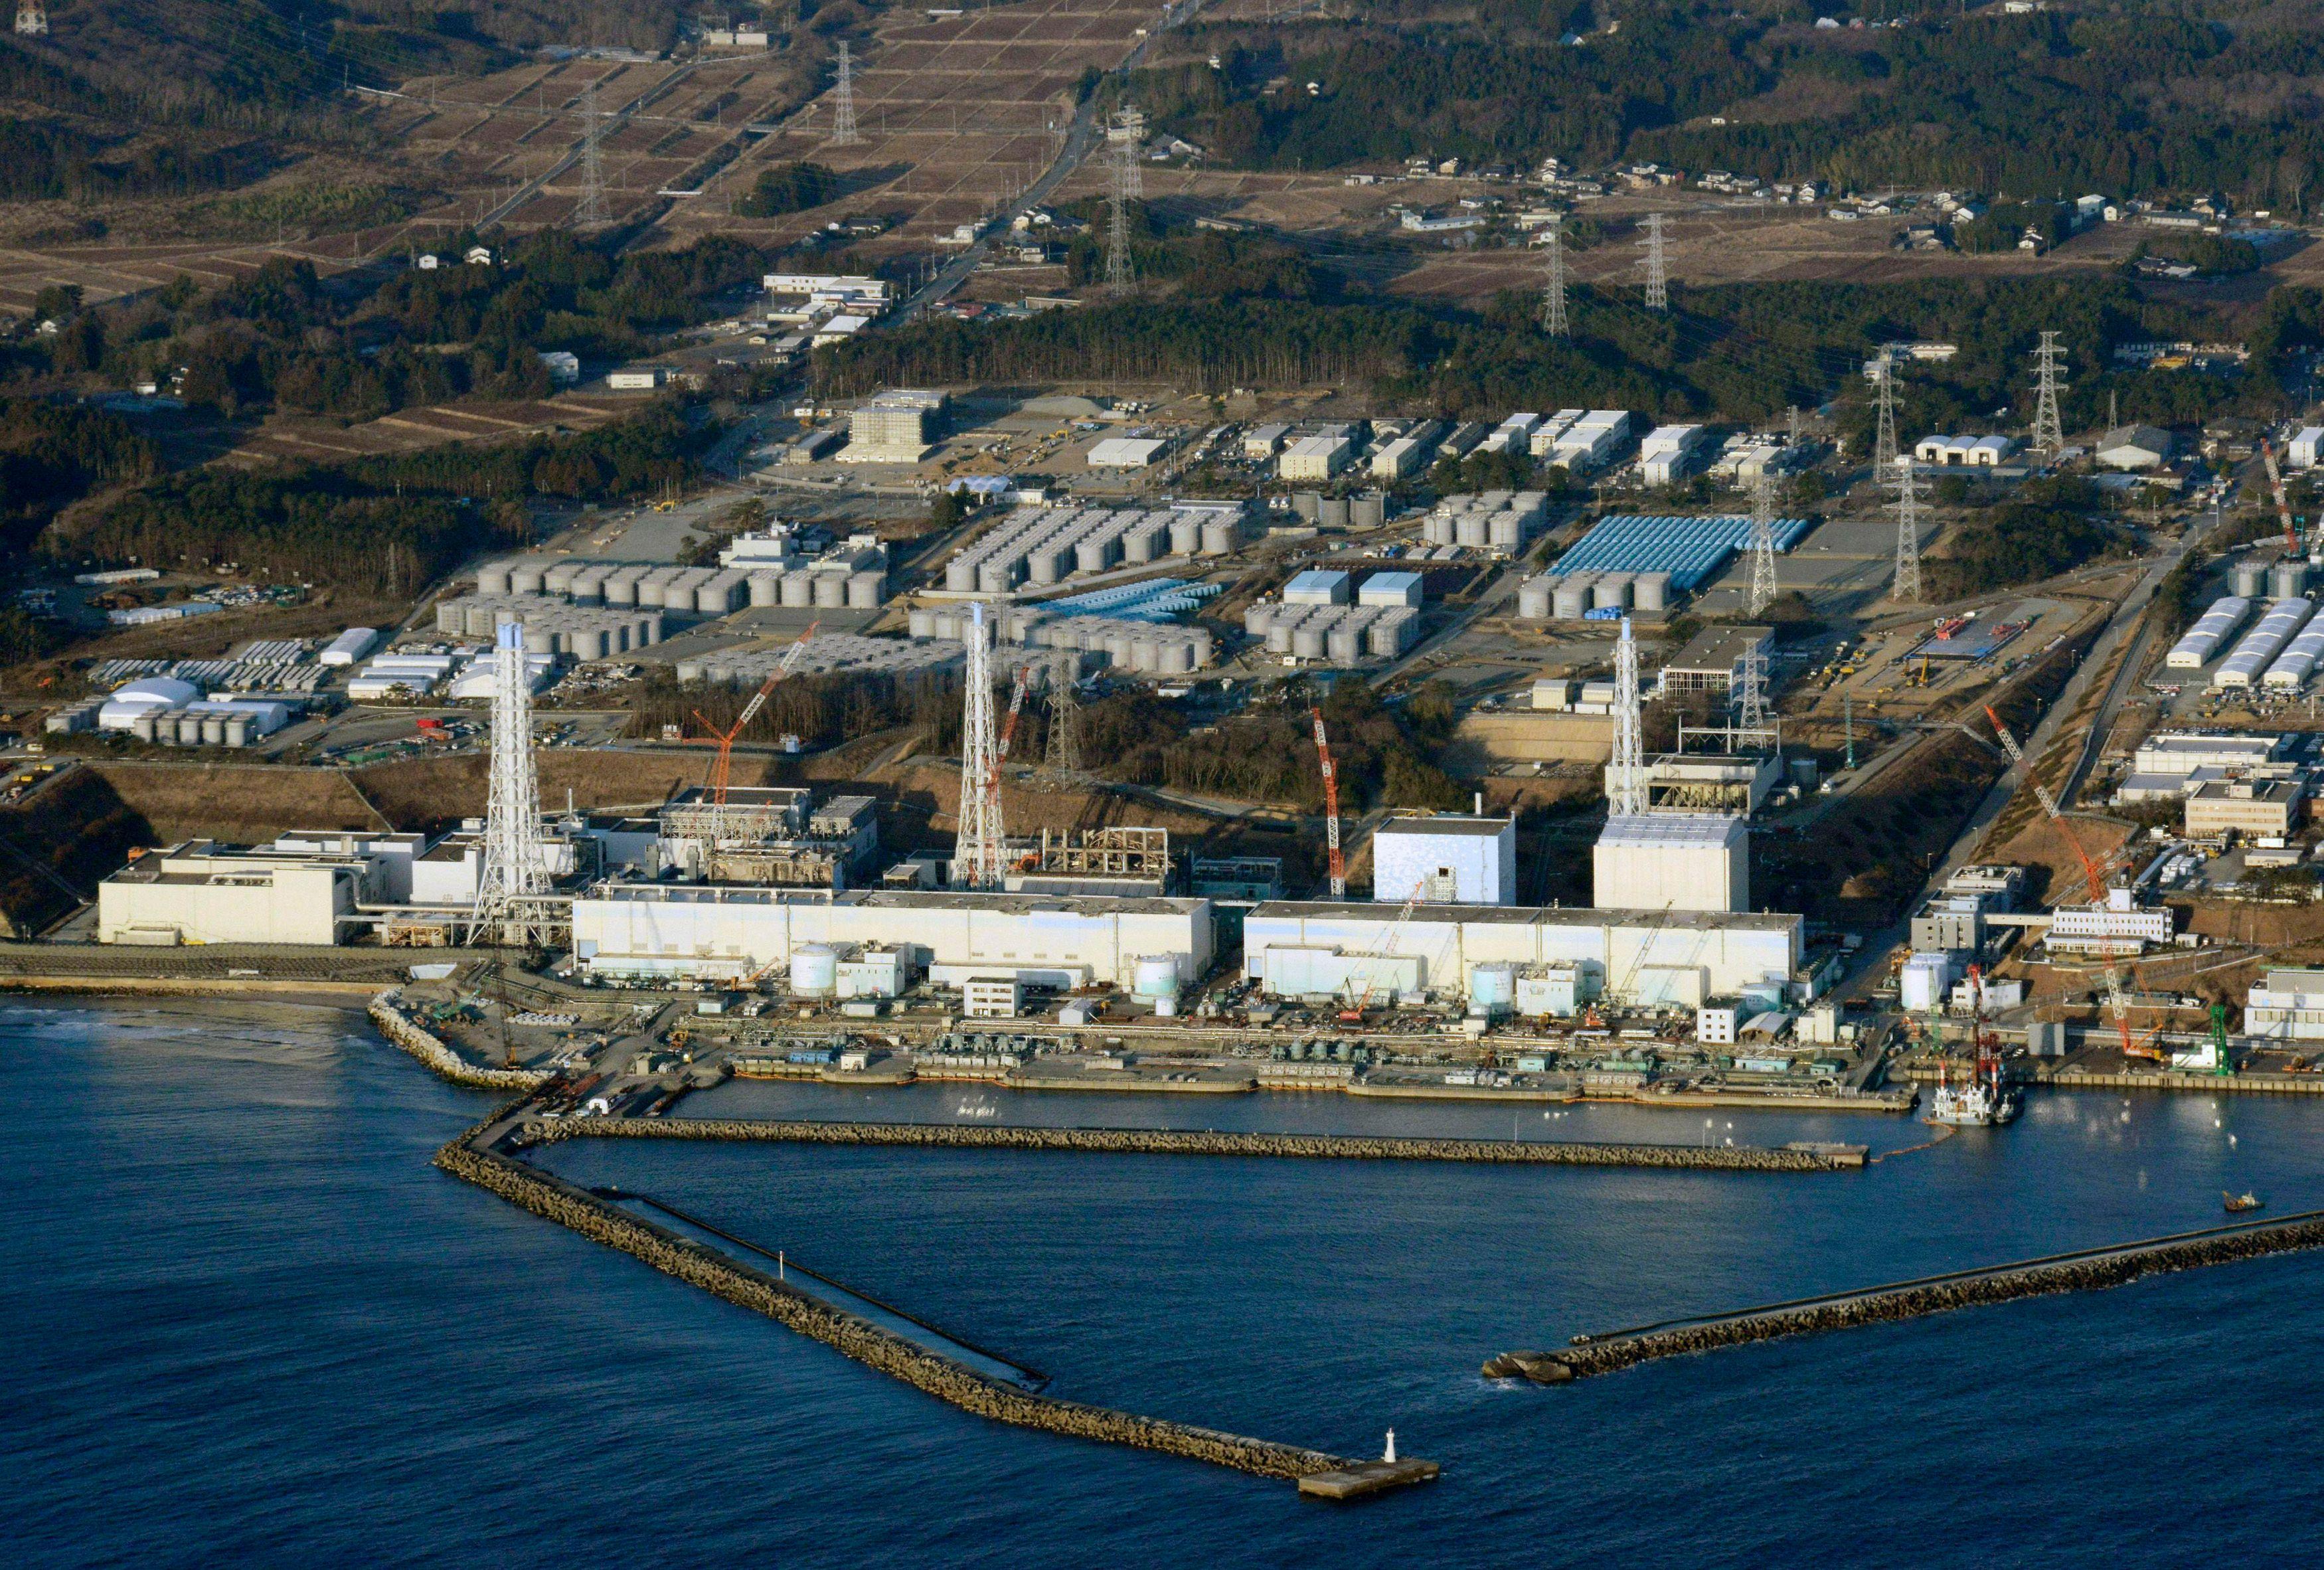 Le système de refroidissement des piscines contenant du combustible nucléaire usé est tombé en panne sur trois réacteurs de la centrale de Fukushima.